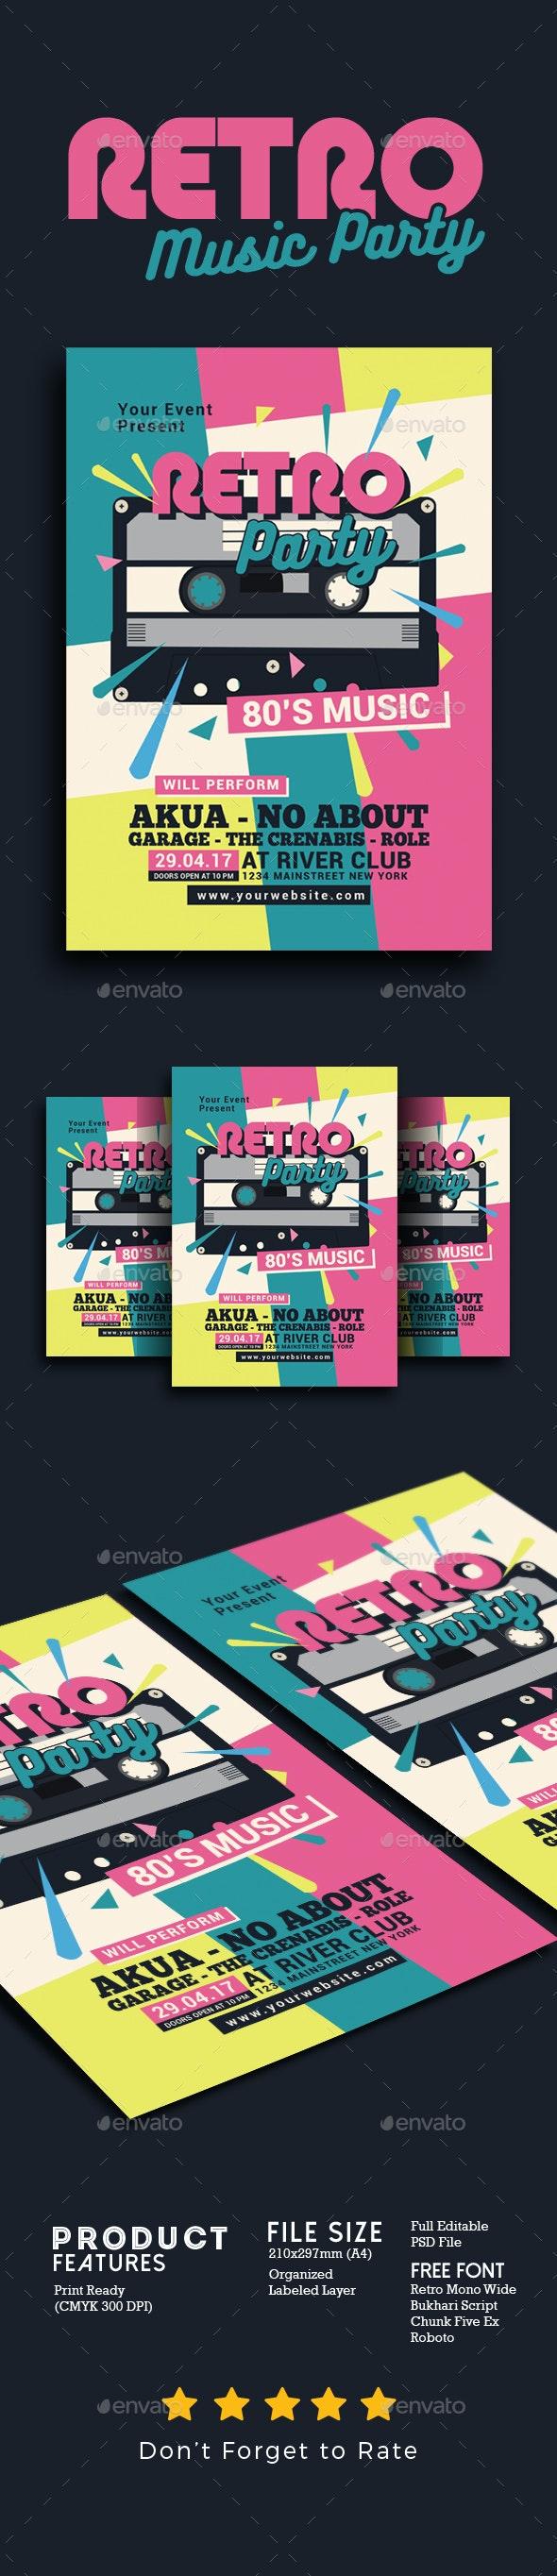 80's Retro Music Party Cassette - Events Flyers